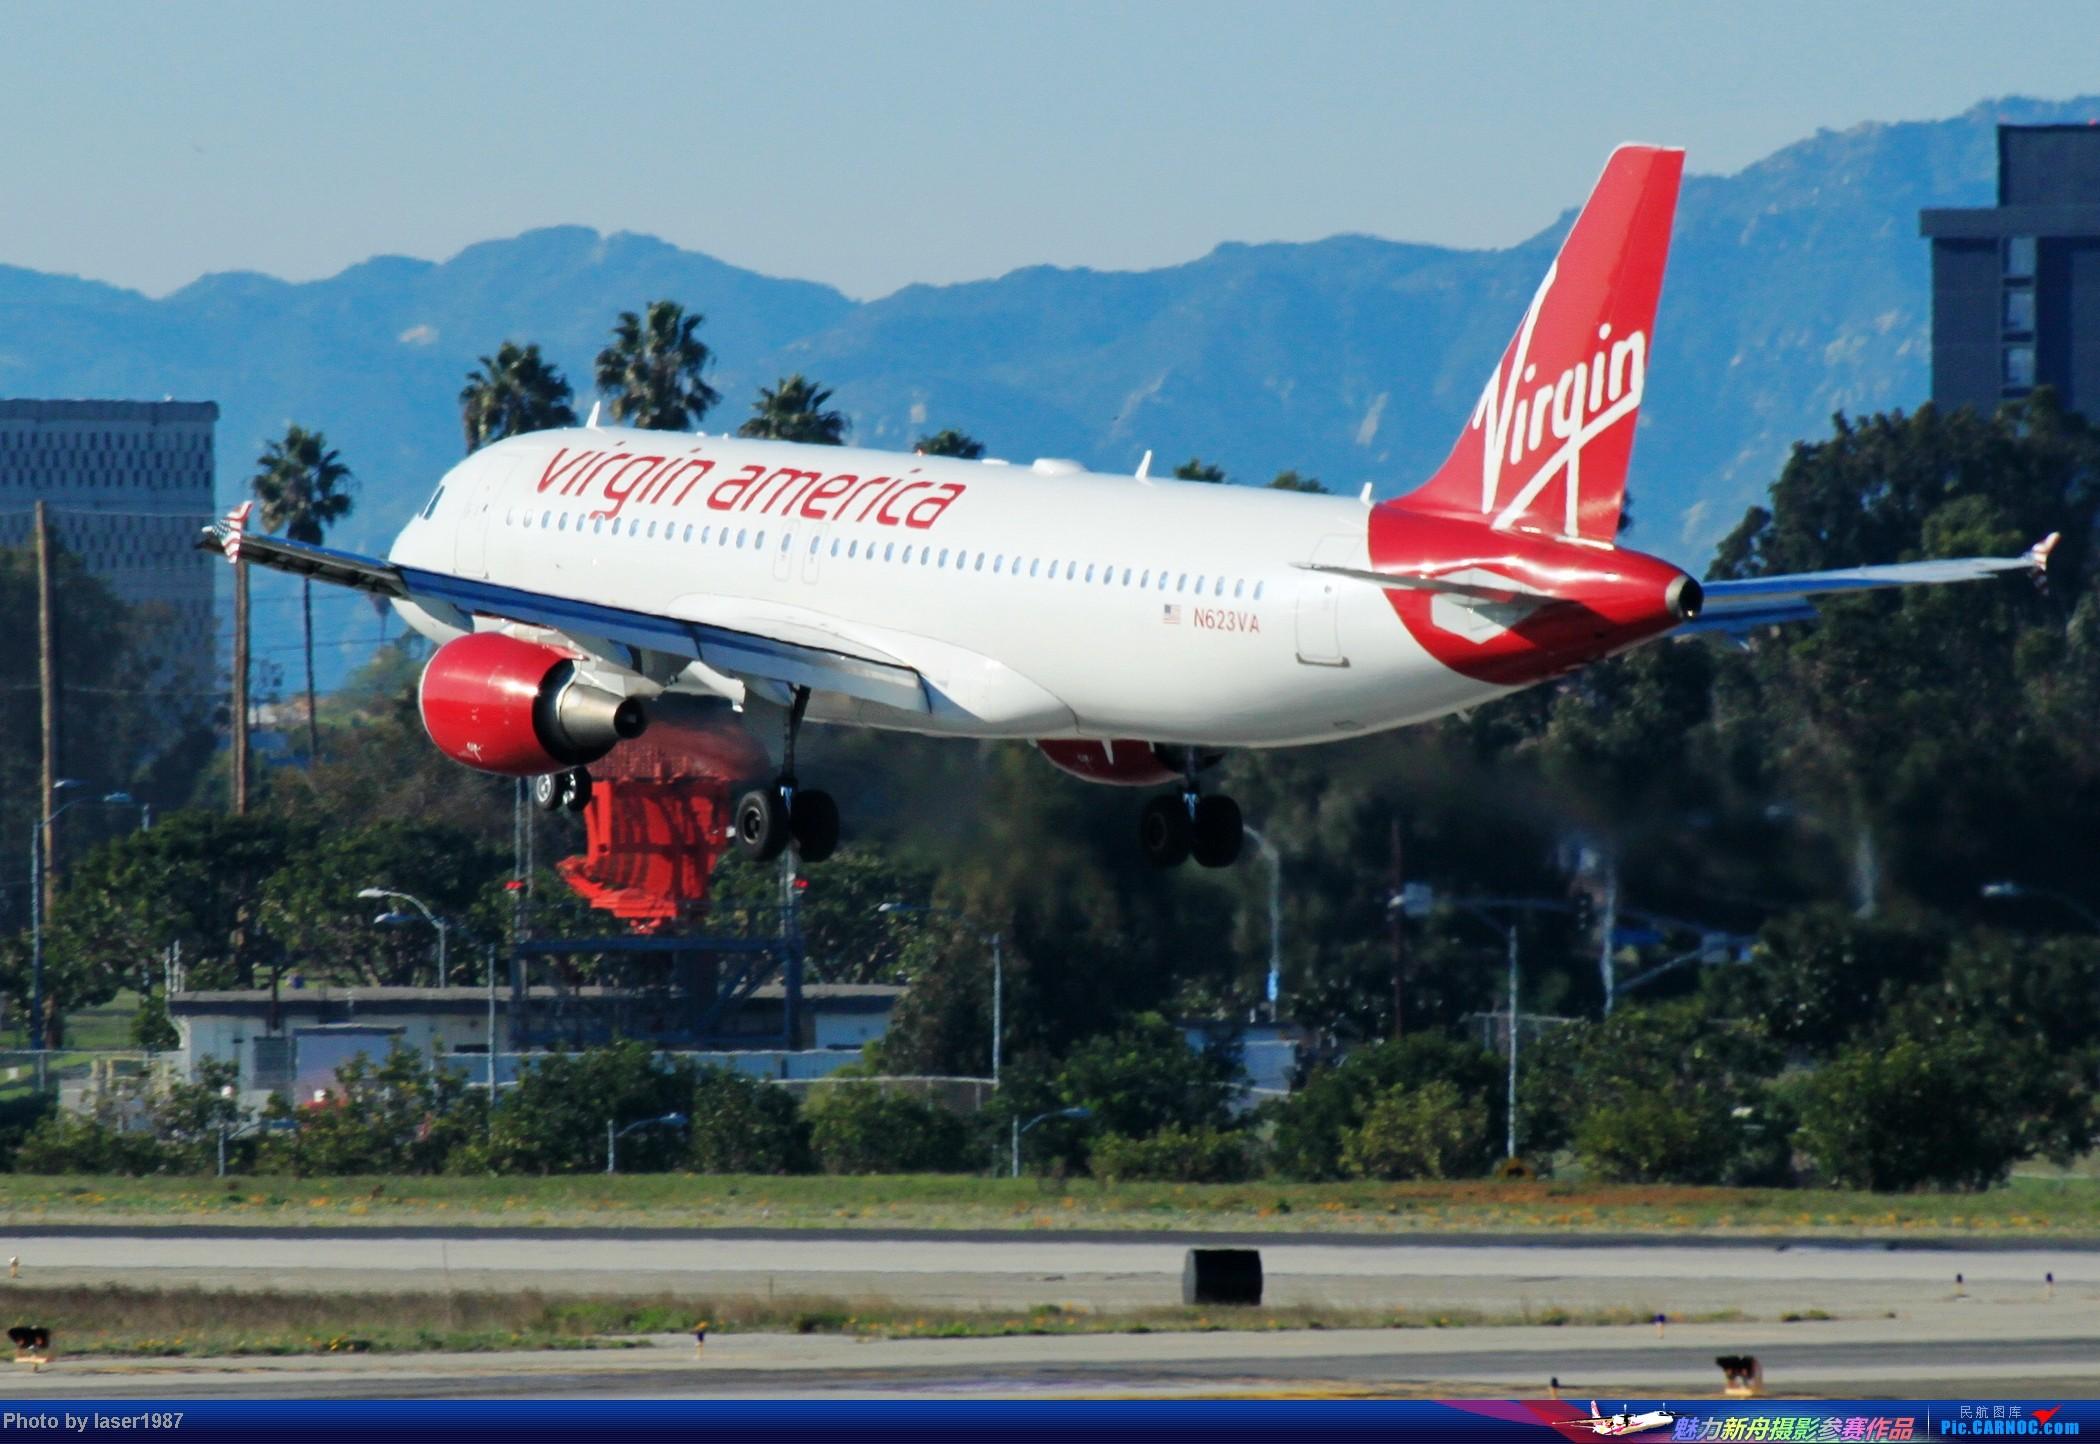 Re:[原创]2011.12.25 LAX 24R跑道东侧停车场拍飞机 AIRBUS A320 N623VA 美国洛杉矶国际机场